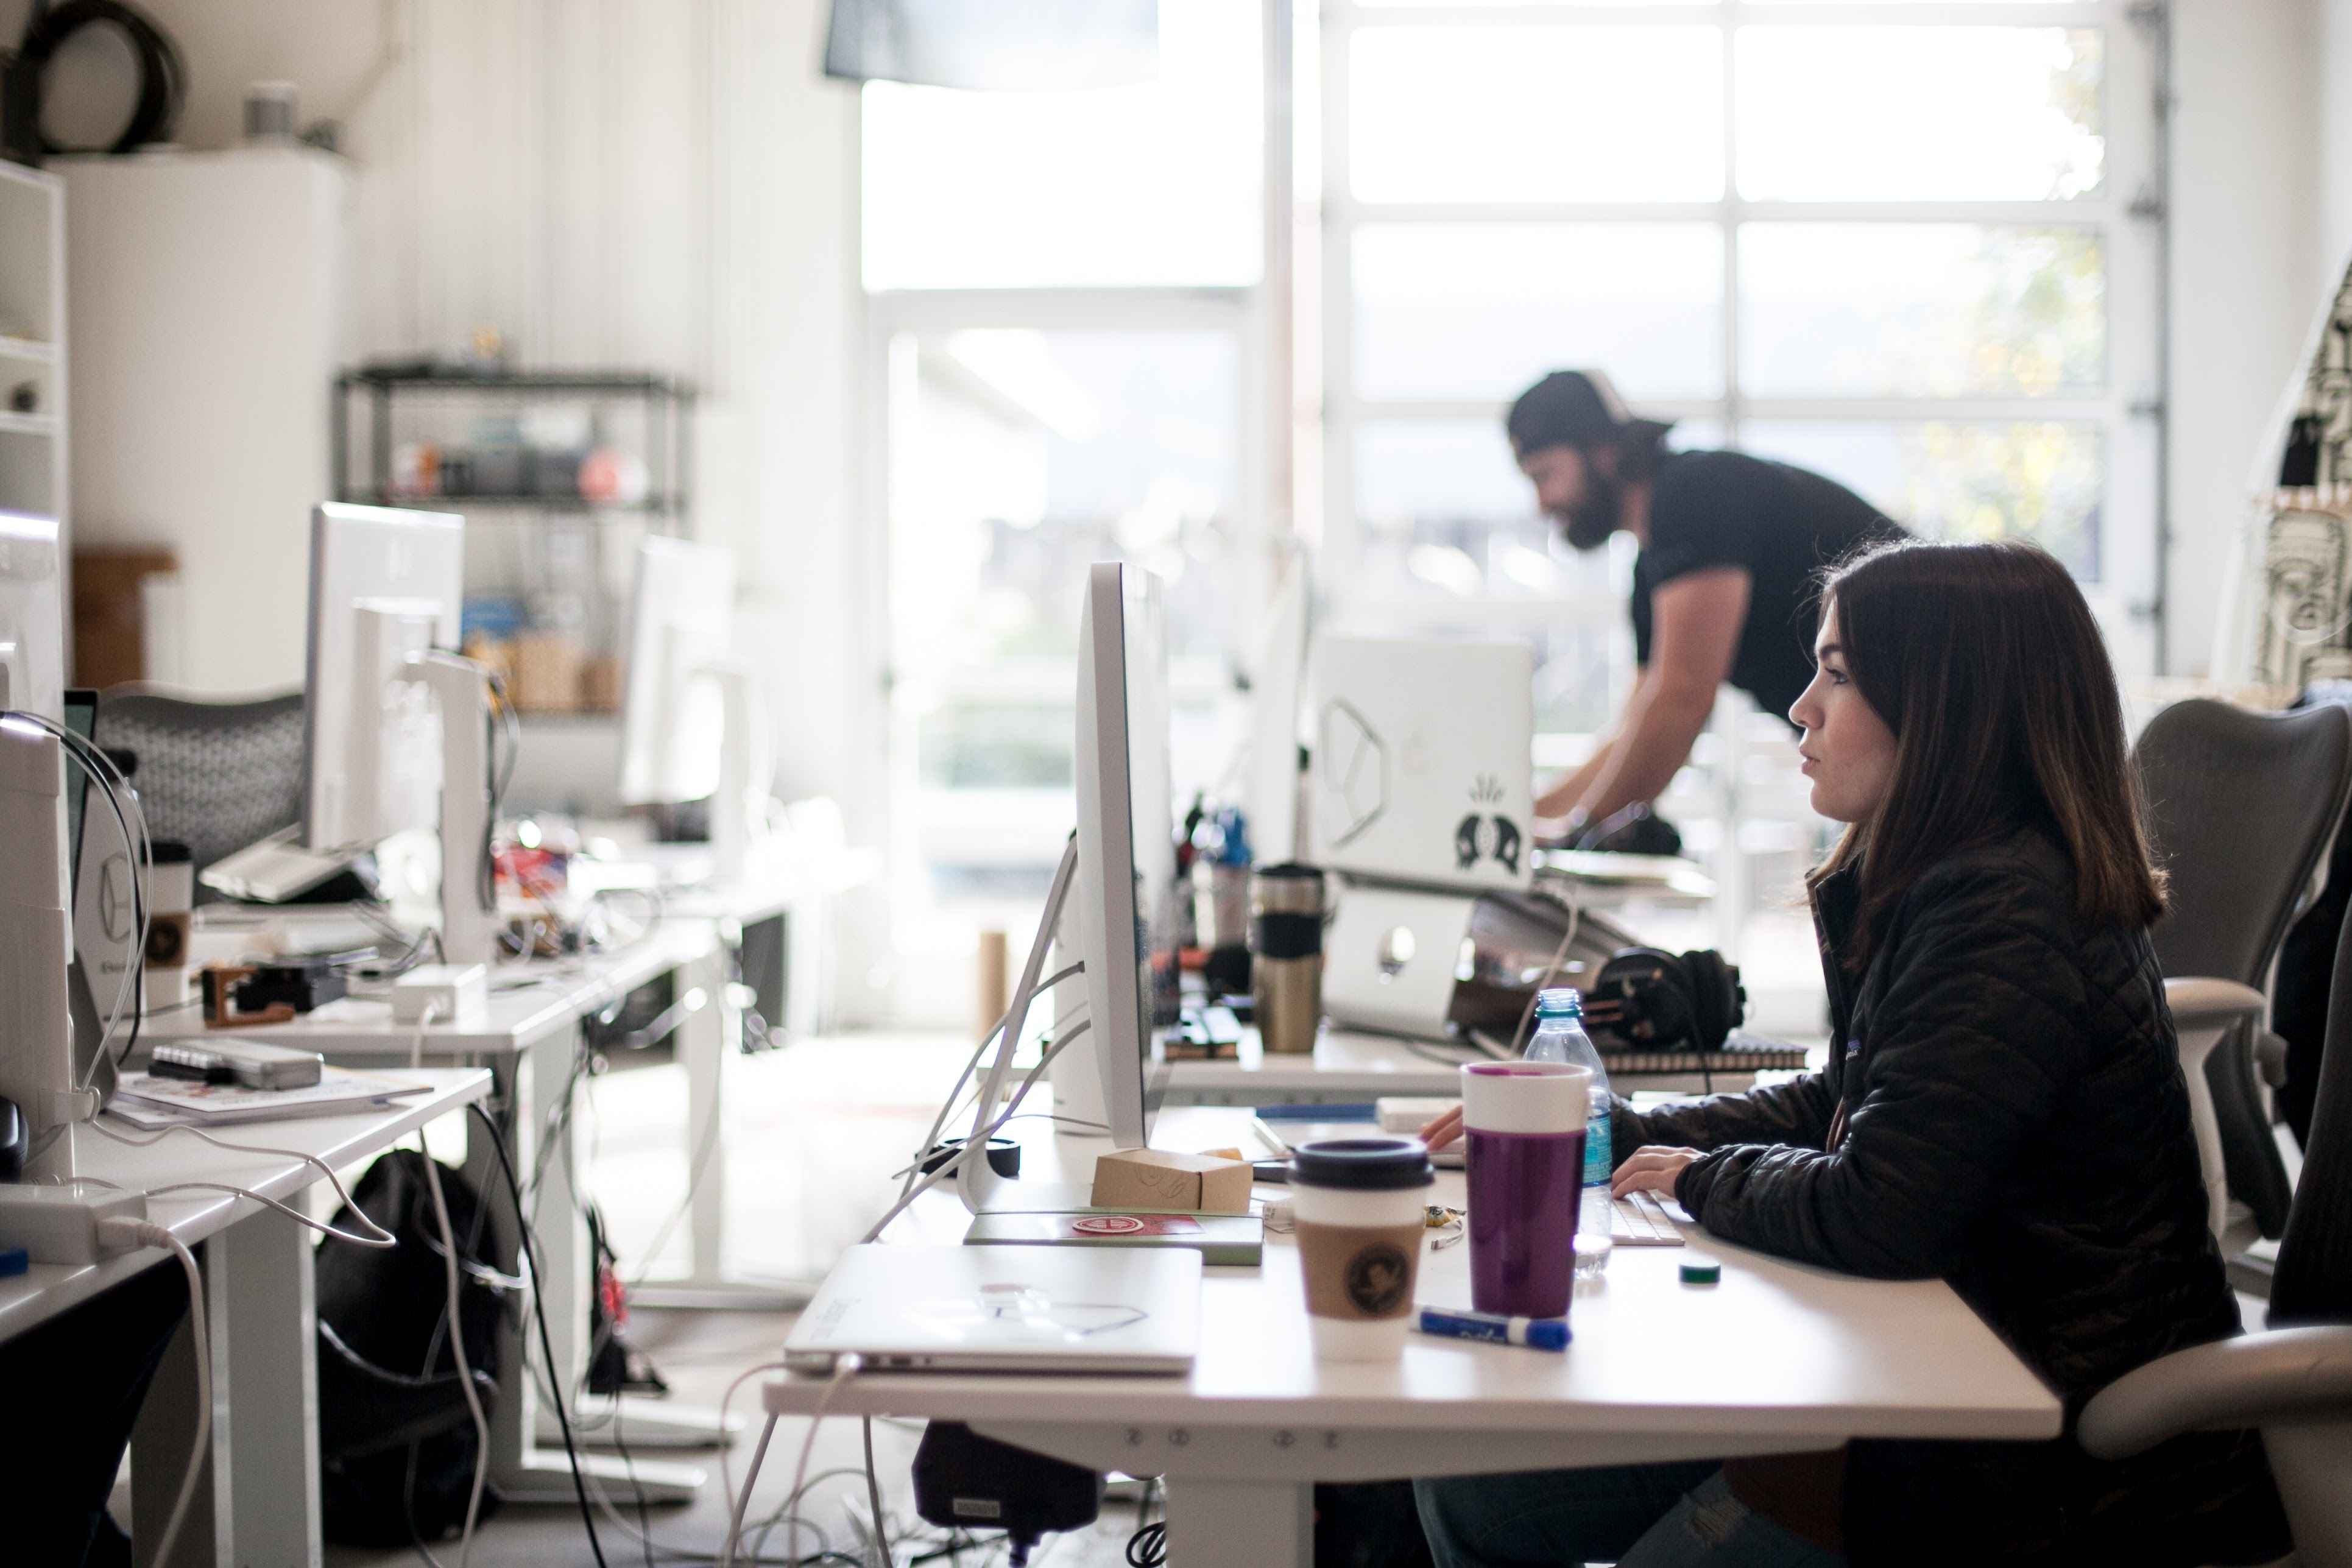 Frau am hell erleuchteten Arbeitsplatz mit Mann im Hintergrund